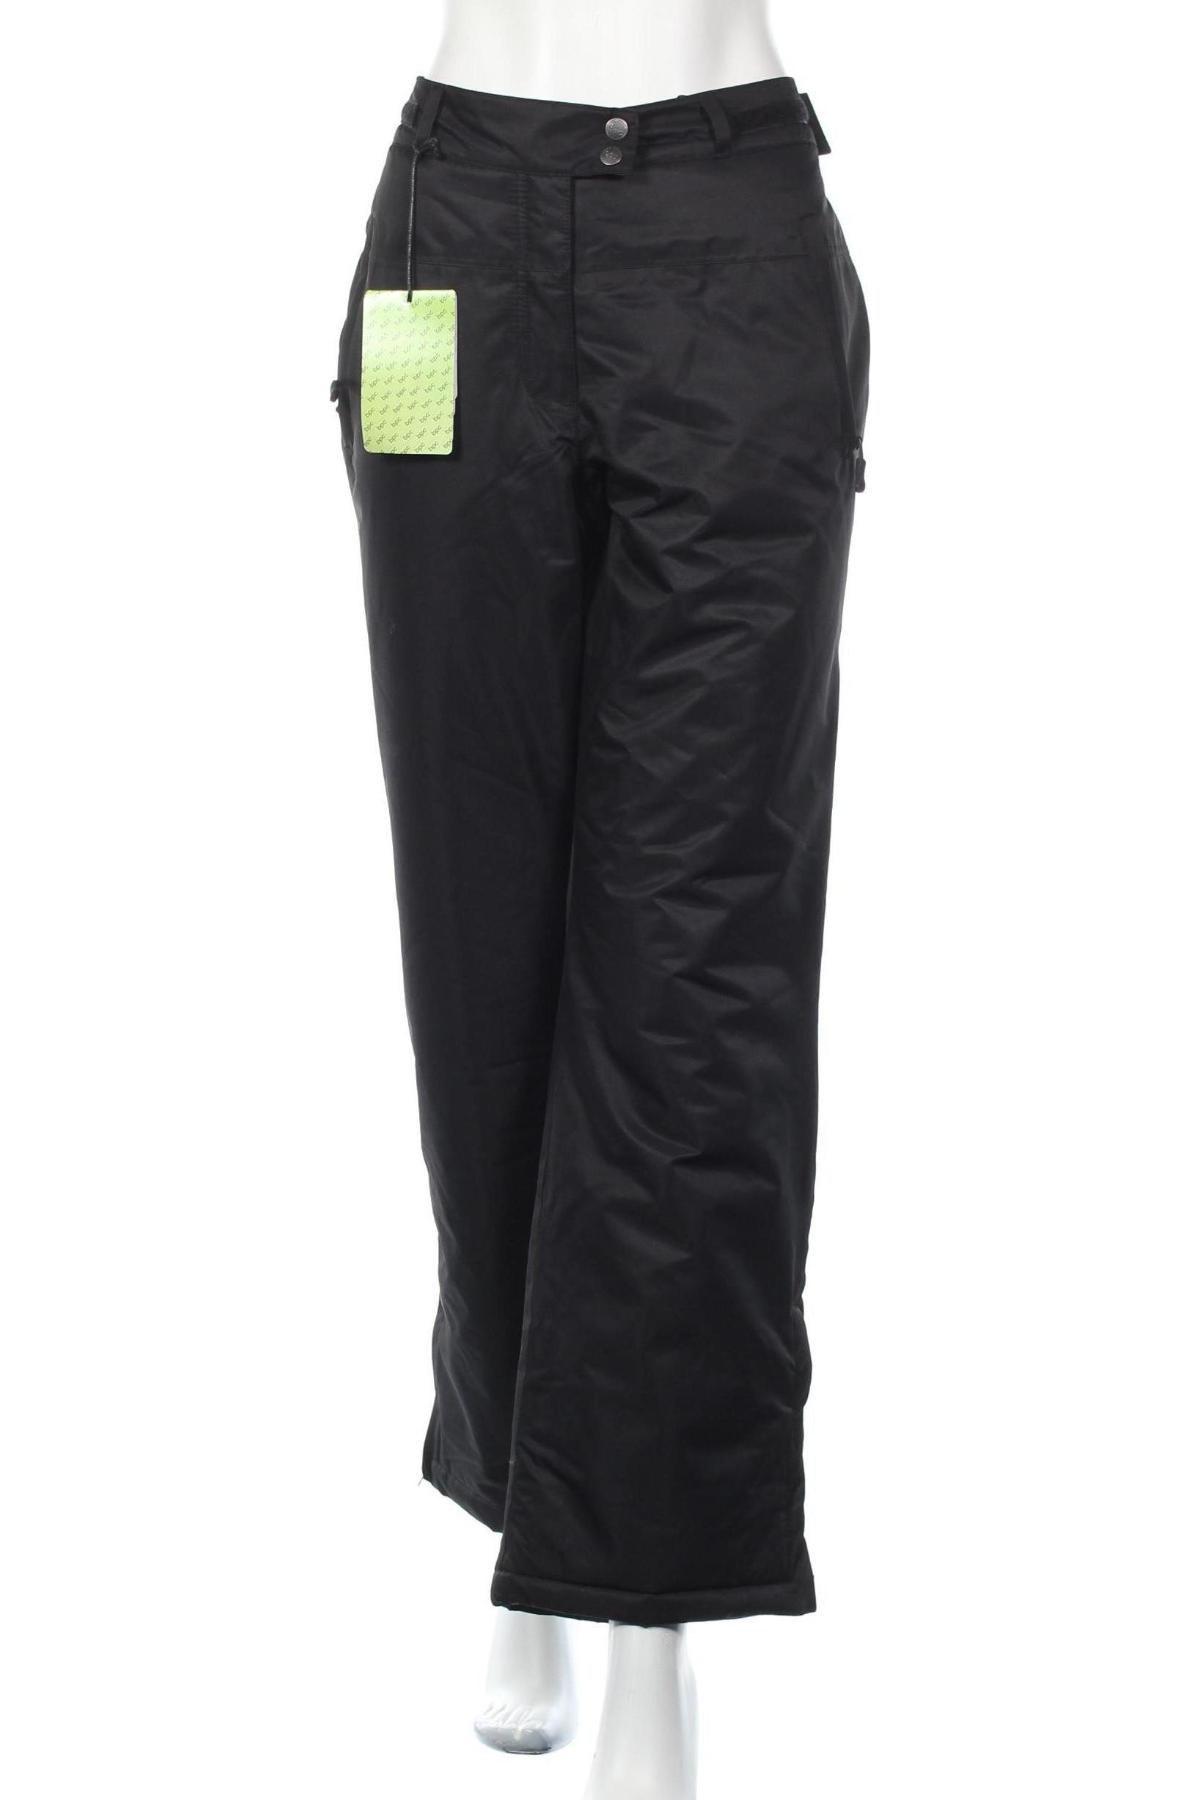 Дамски спортен панталон Bpc Bonprix Collection, Размер L, Цвят Черен, Полиестер, Цена 26,22лв.